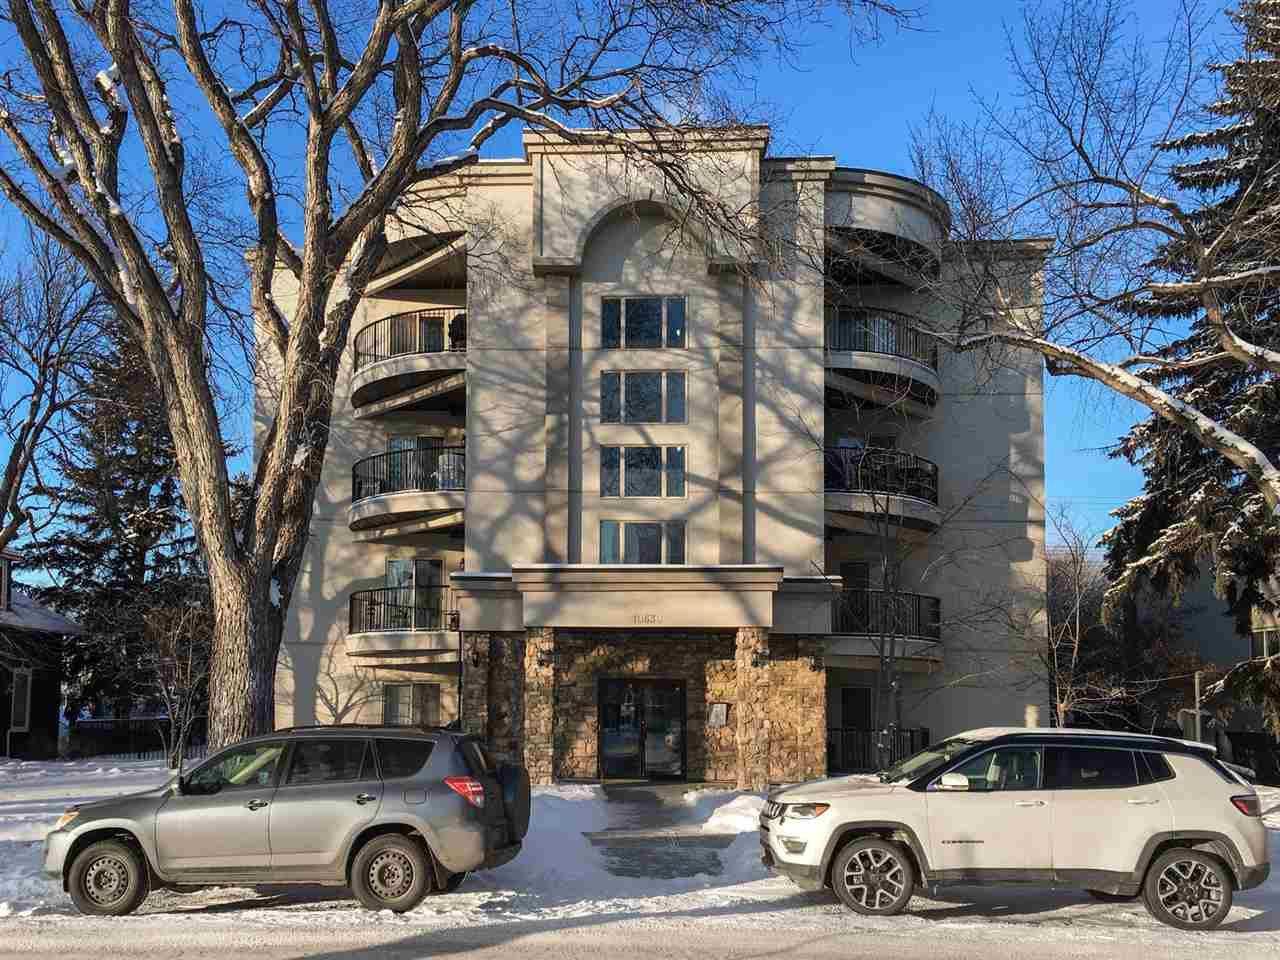 Main Photo: 402 10630 78 Avenue in Edmonton: Zone 15 Condo for sale : MLS®# E4143437